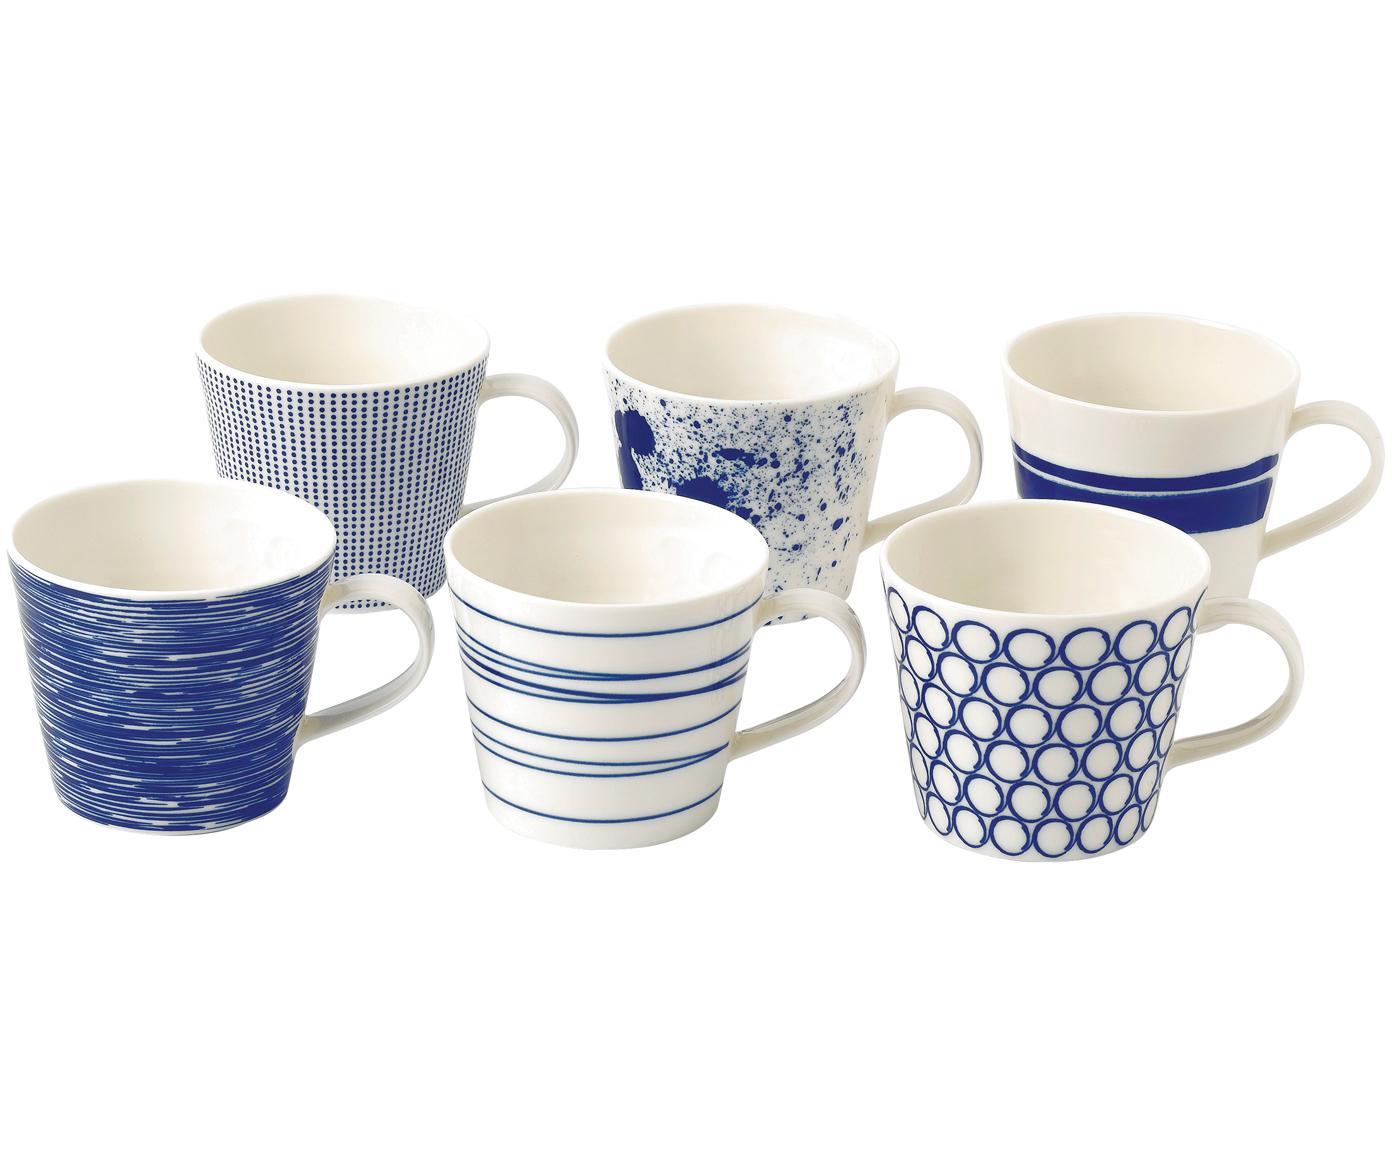 Gemusterte Porzellan-Tassen Pacific, 6er-Set, Porzellan, Weiß, Blau, Ø 10 x H 9 cm